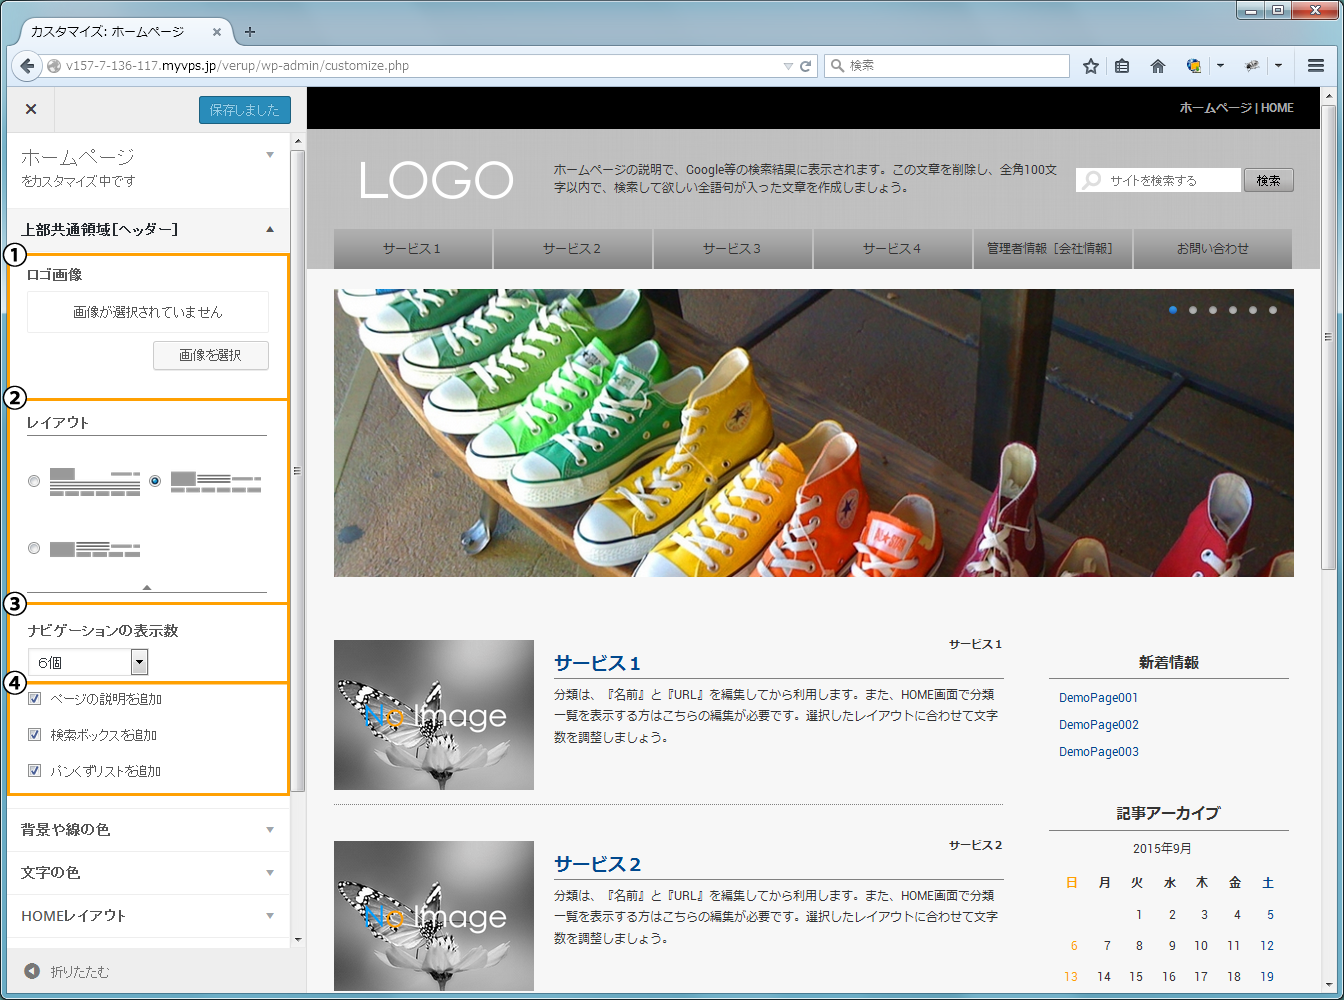 サイトデザイン 上部共通領域[ヘッダー] | 初期費用無料ホームページ作成サイト - FunMaker